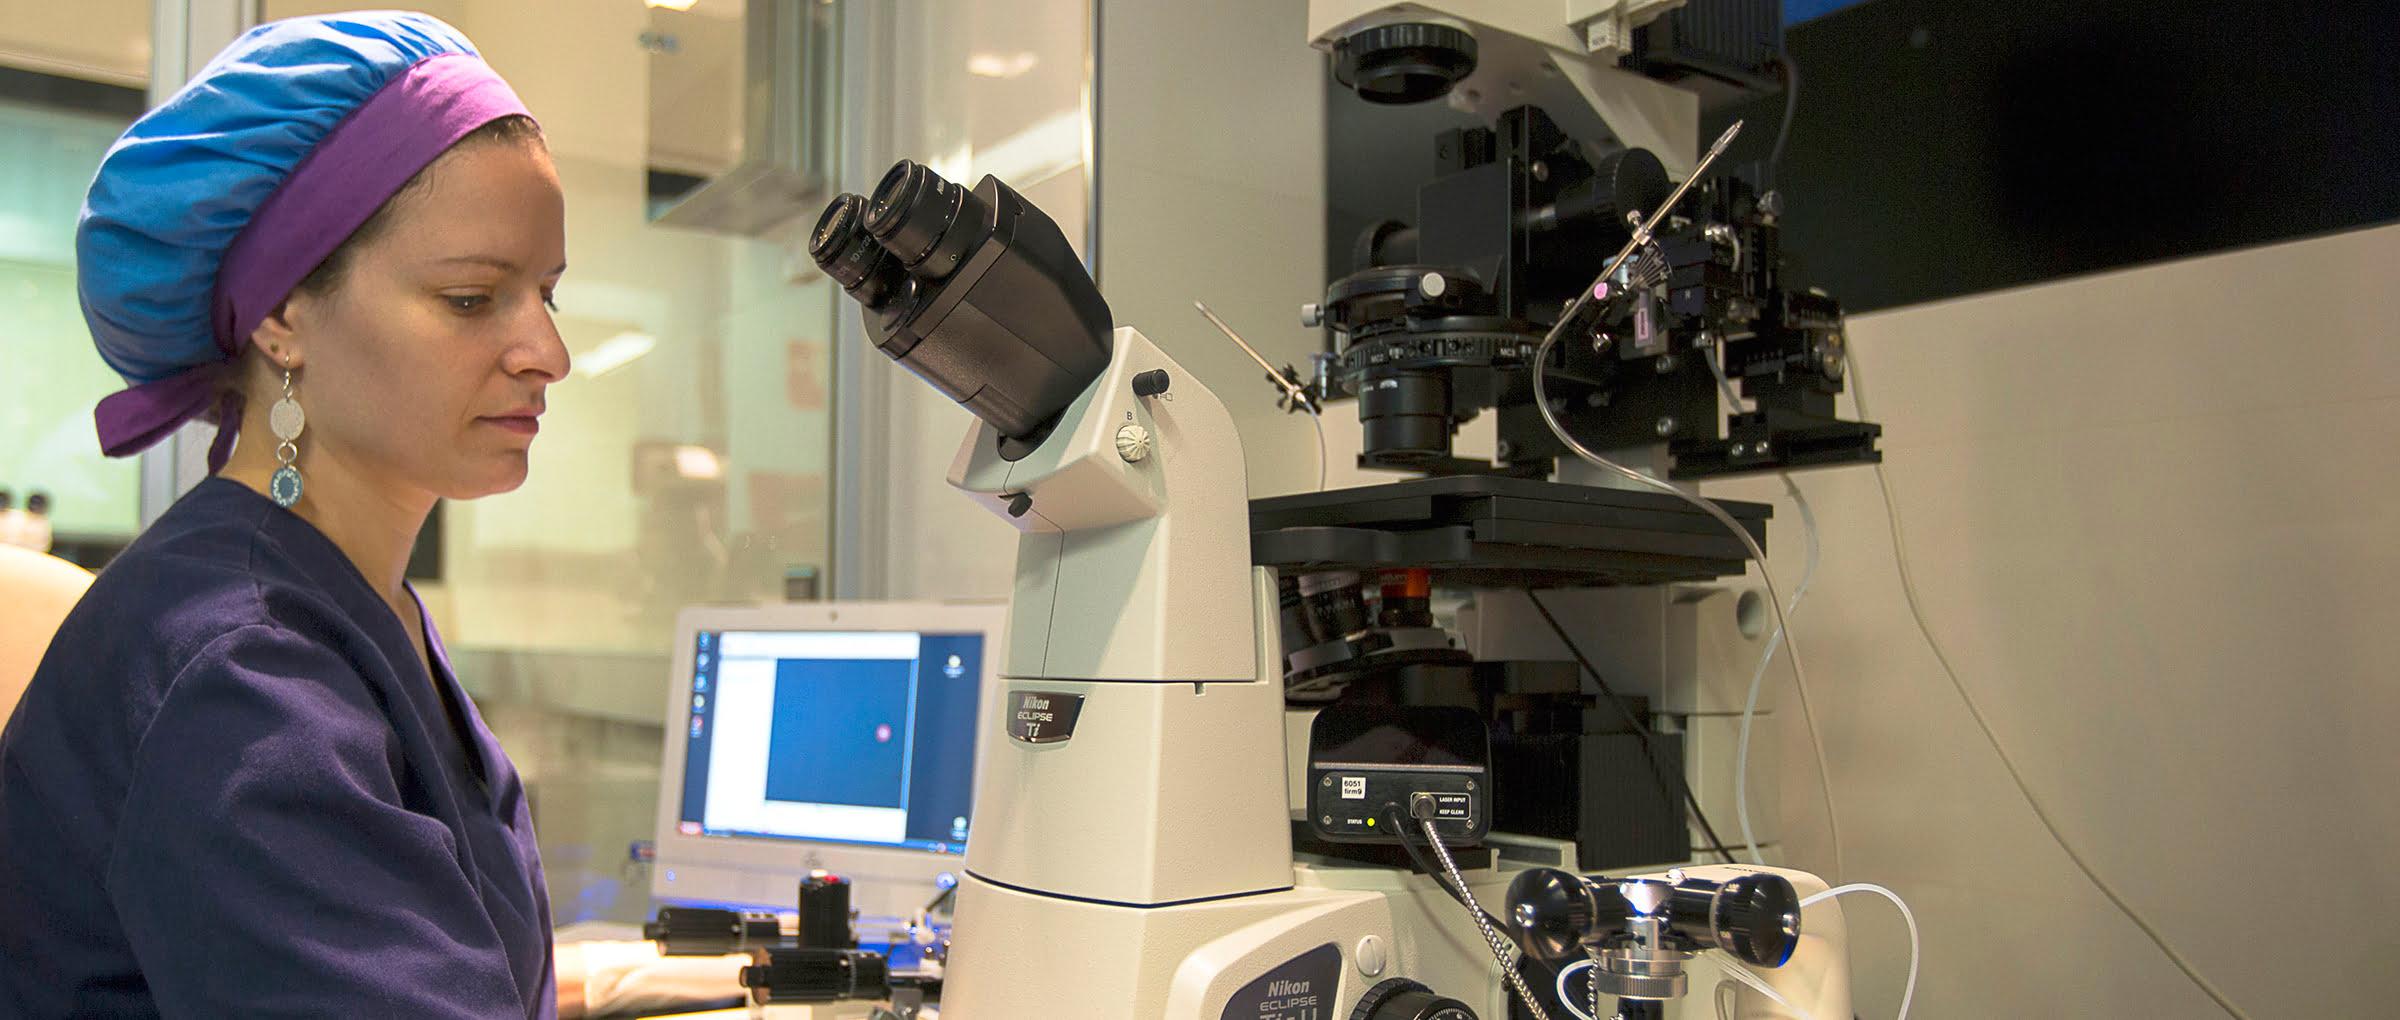 Clínica Crea laboratorio y embriología